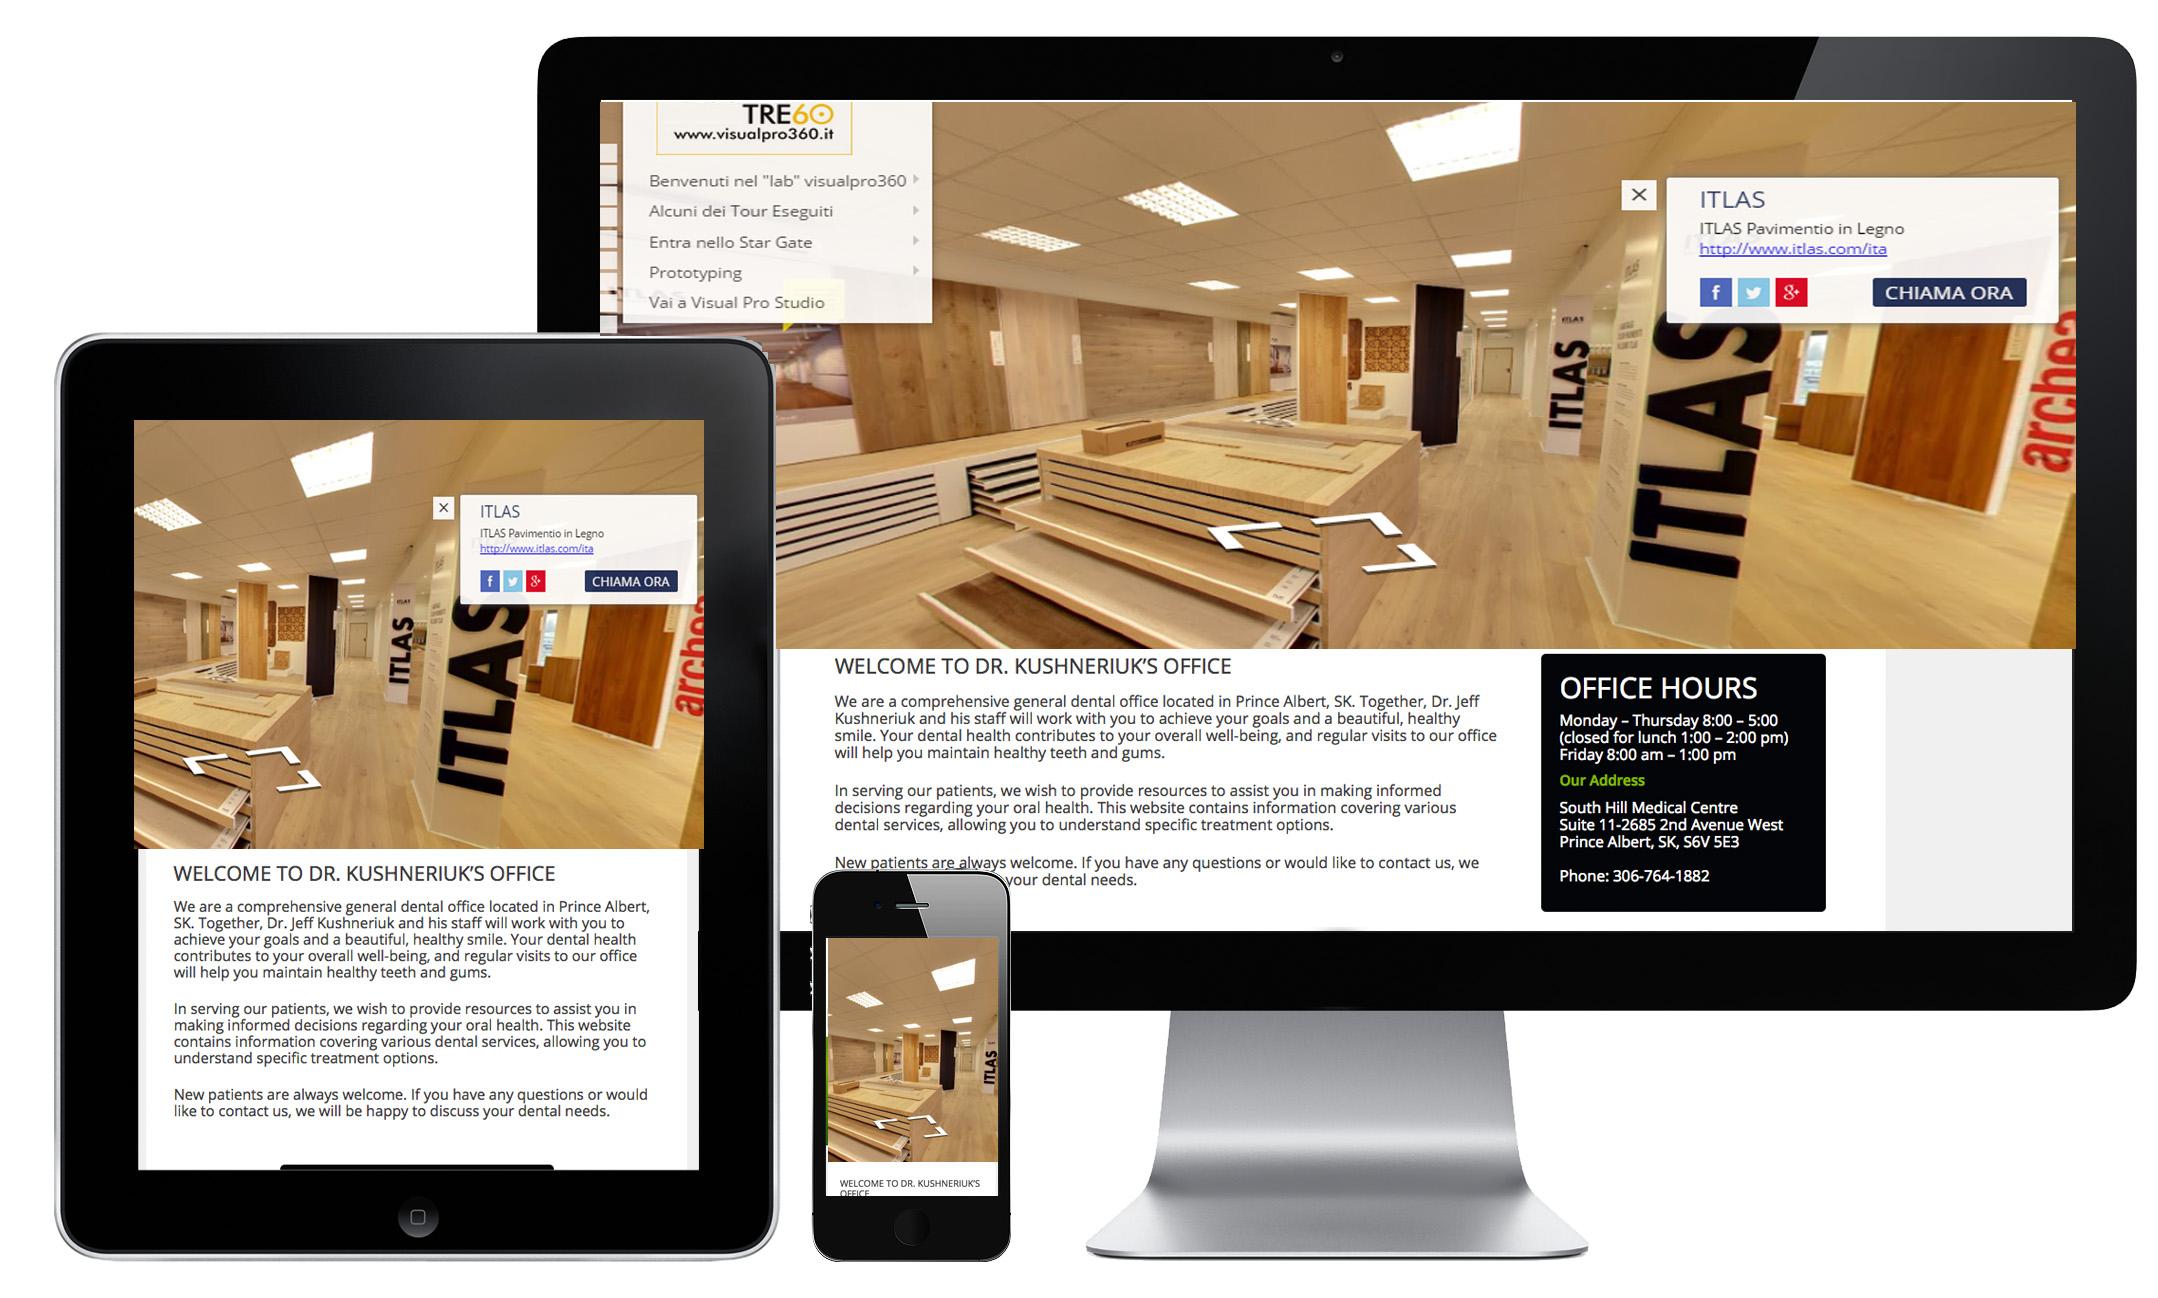 itlas negozio stabilimento modena | tour virtuale 360